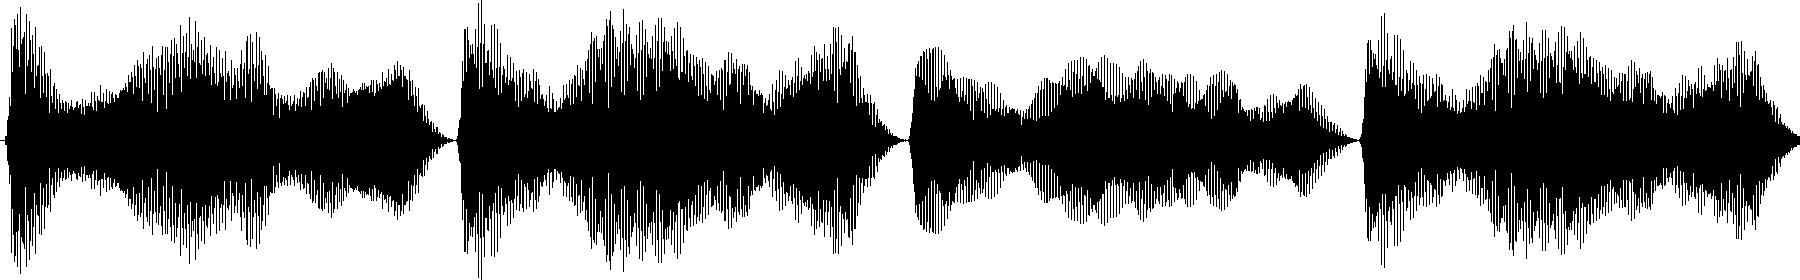 pad melody 4